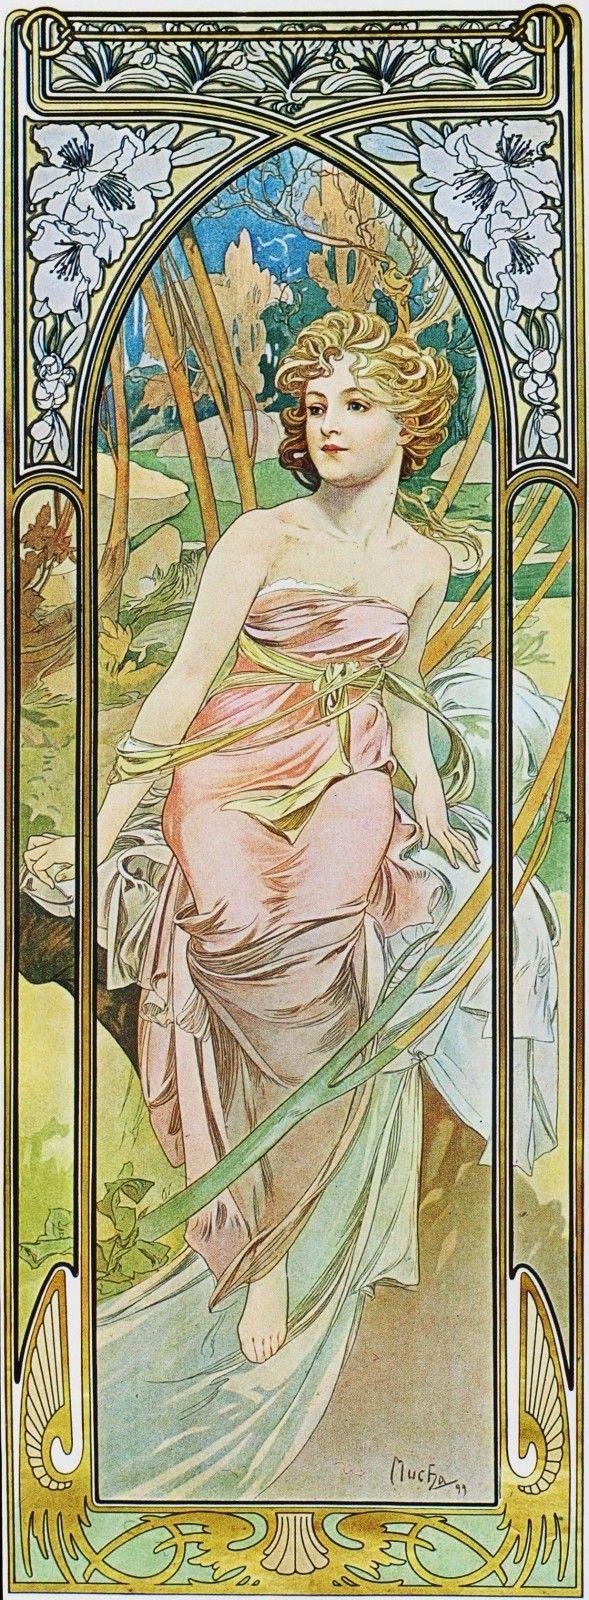 A. Mucha - Eveil du Matin: Alfons Mucha, Alphon Lot, In The Morning, Art Nouveau, Matinmorn Awakening, Artnouveau, Mucha Art, Art Deco, Alphonse Mucha